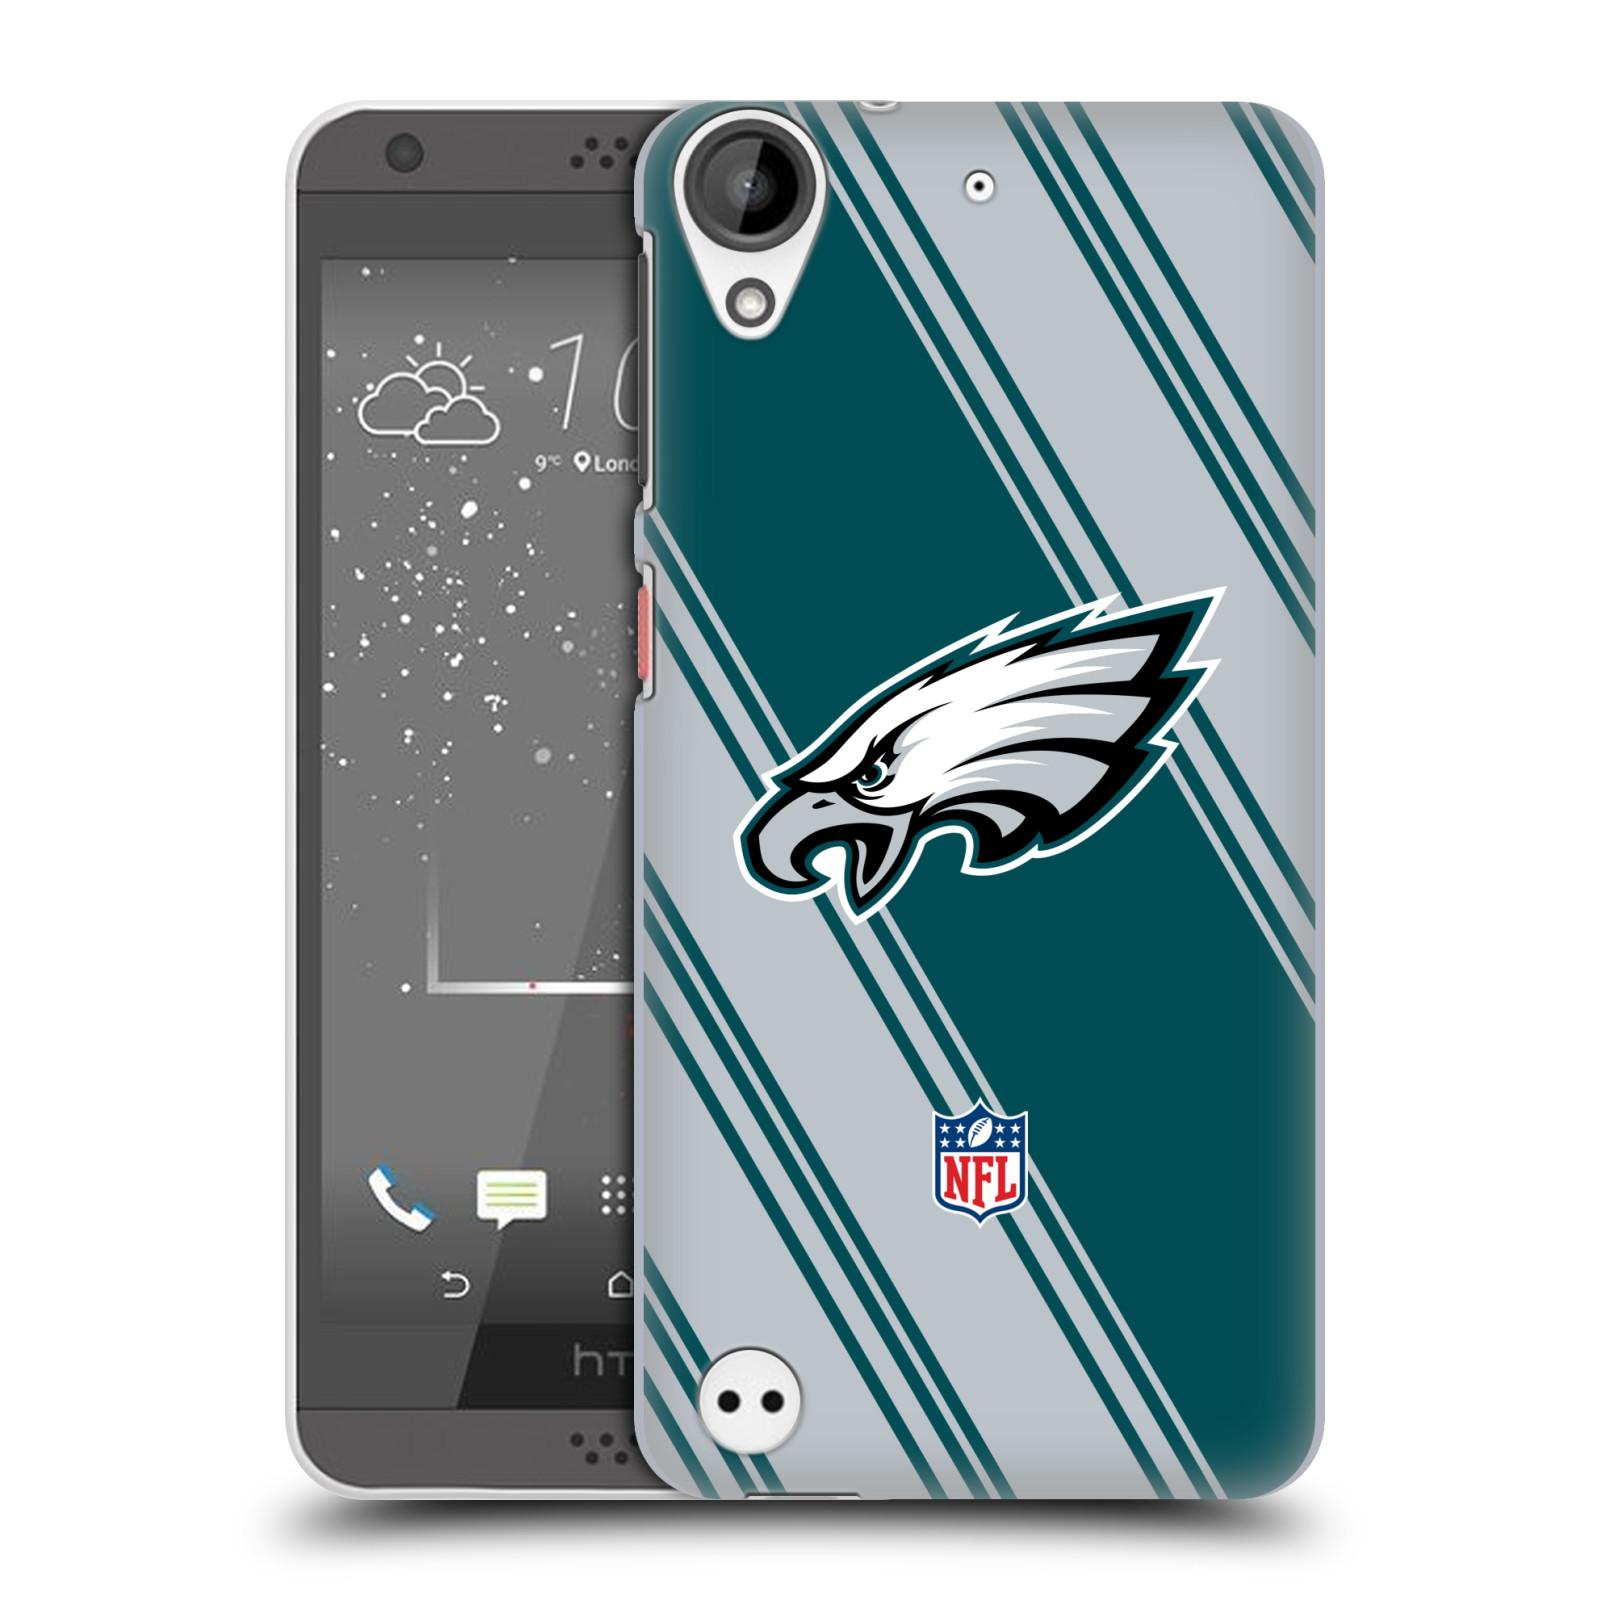 OFFICIAL NFL 2017/18 PHILADELPHIA EAGLES HARD BACK CASE FOR HTC PHONES 1